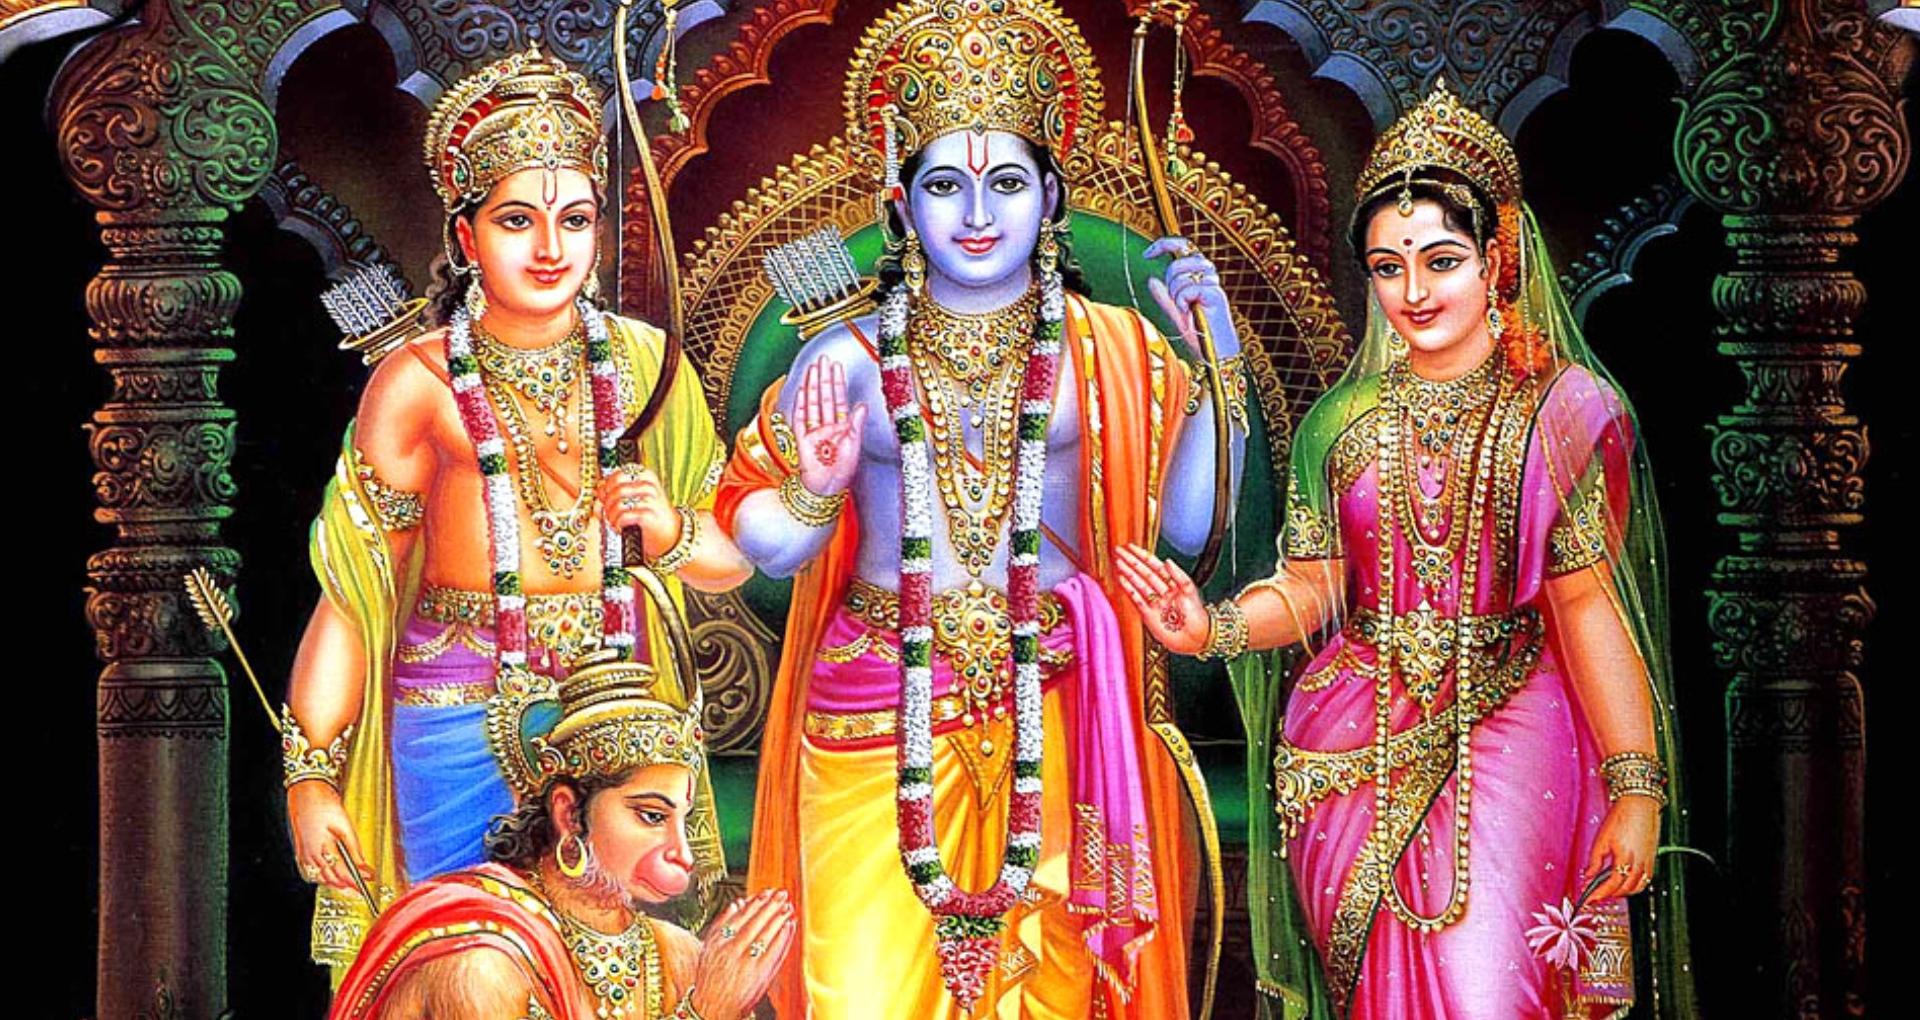 रामनवमी 2019: इस दिन होता है बुरी शक्तियों का नाश, भगवान राम के इस पर्व की जानिए क्या है महत्ता